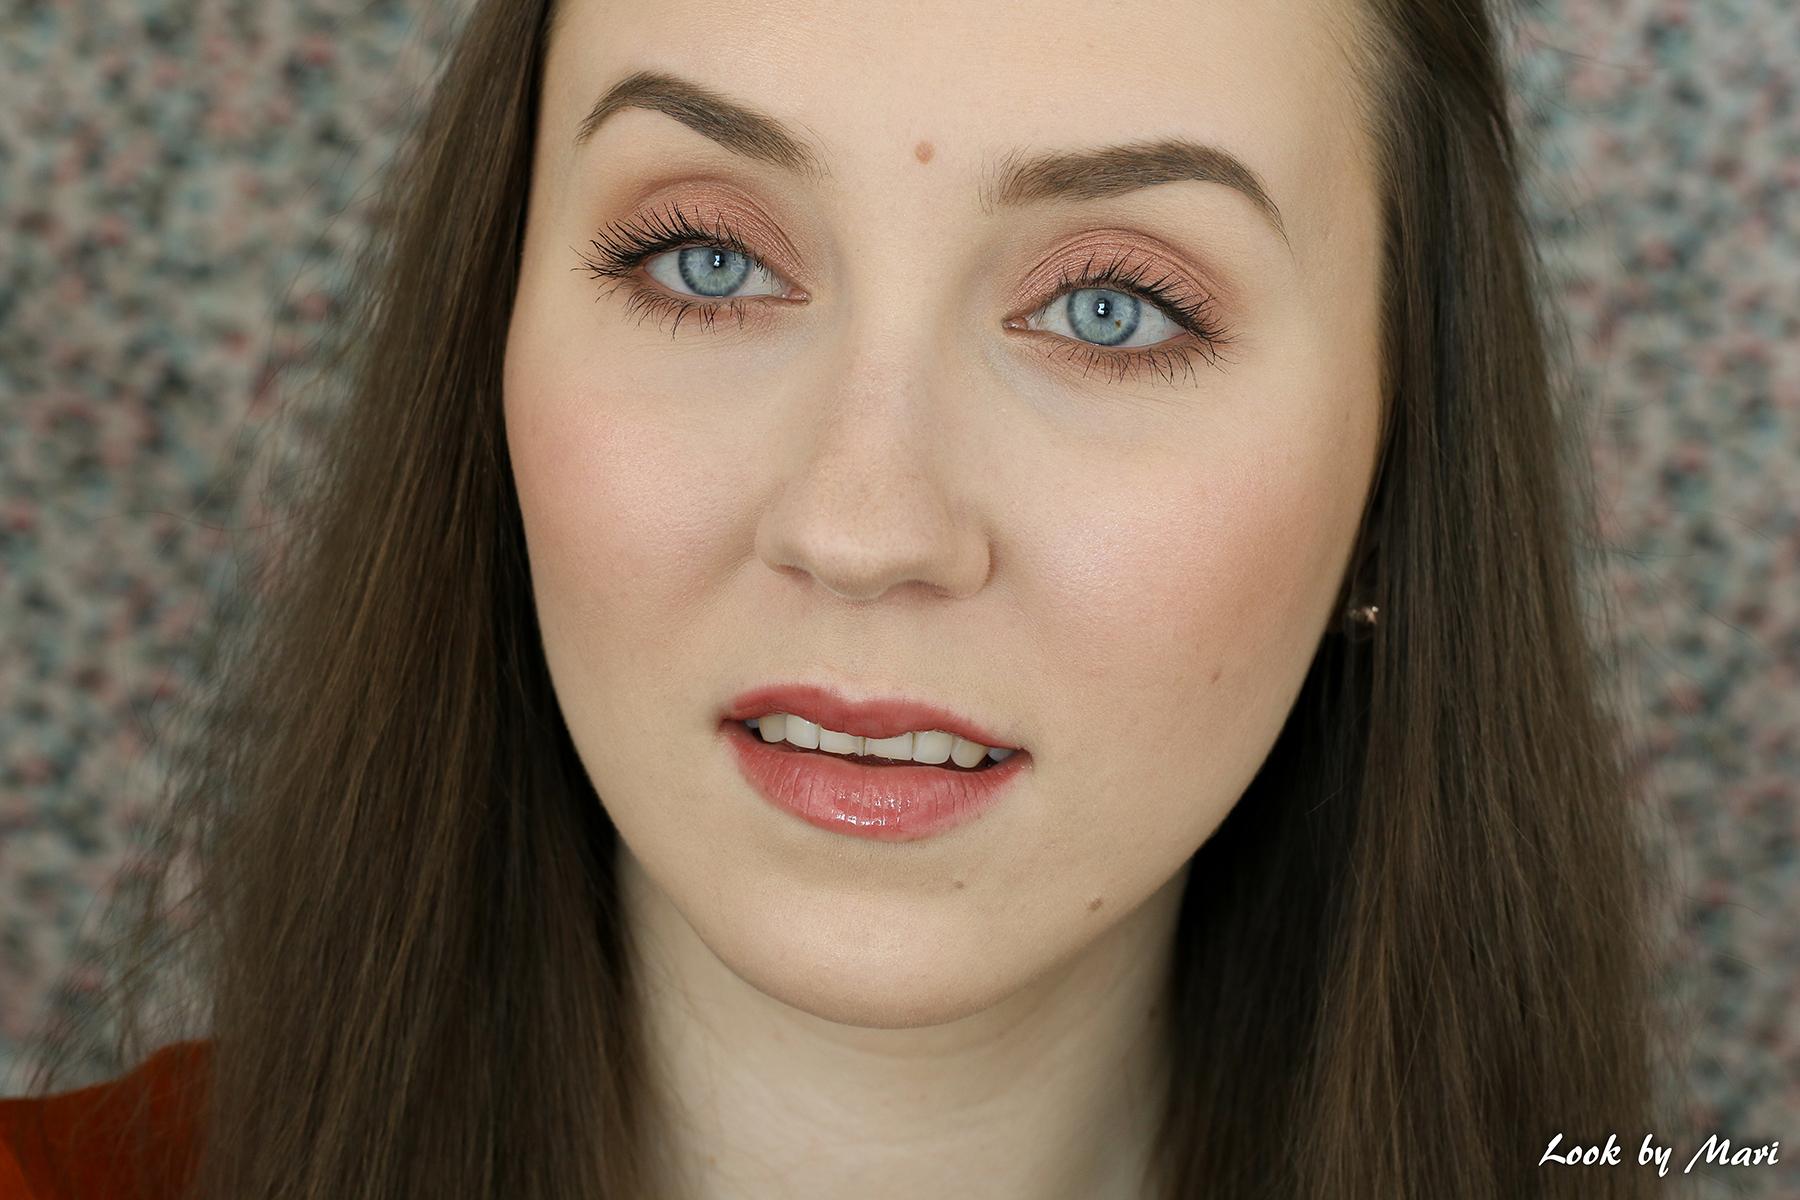 5 luonnollinen helppo nopea meikki silmämeikki blogi vaalealle iholle